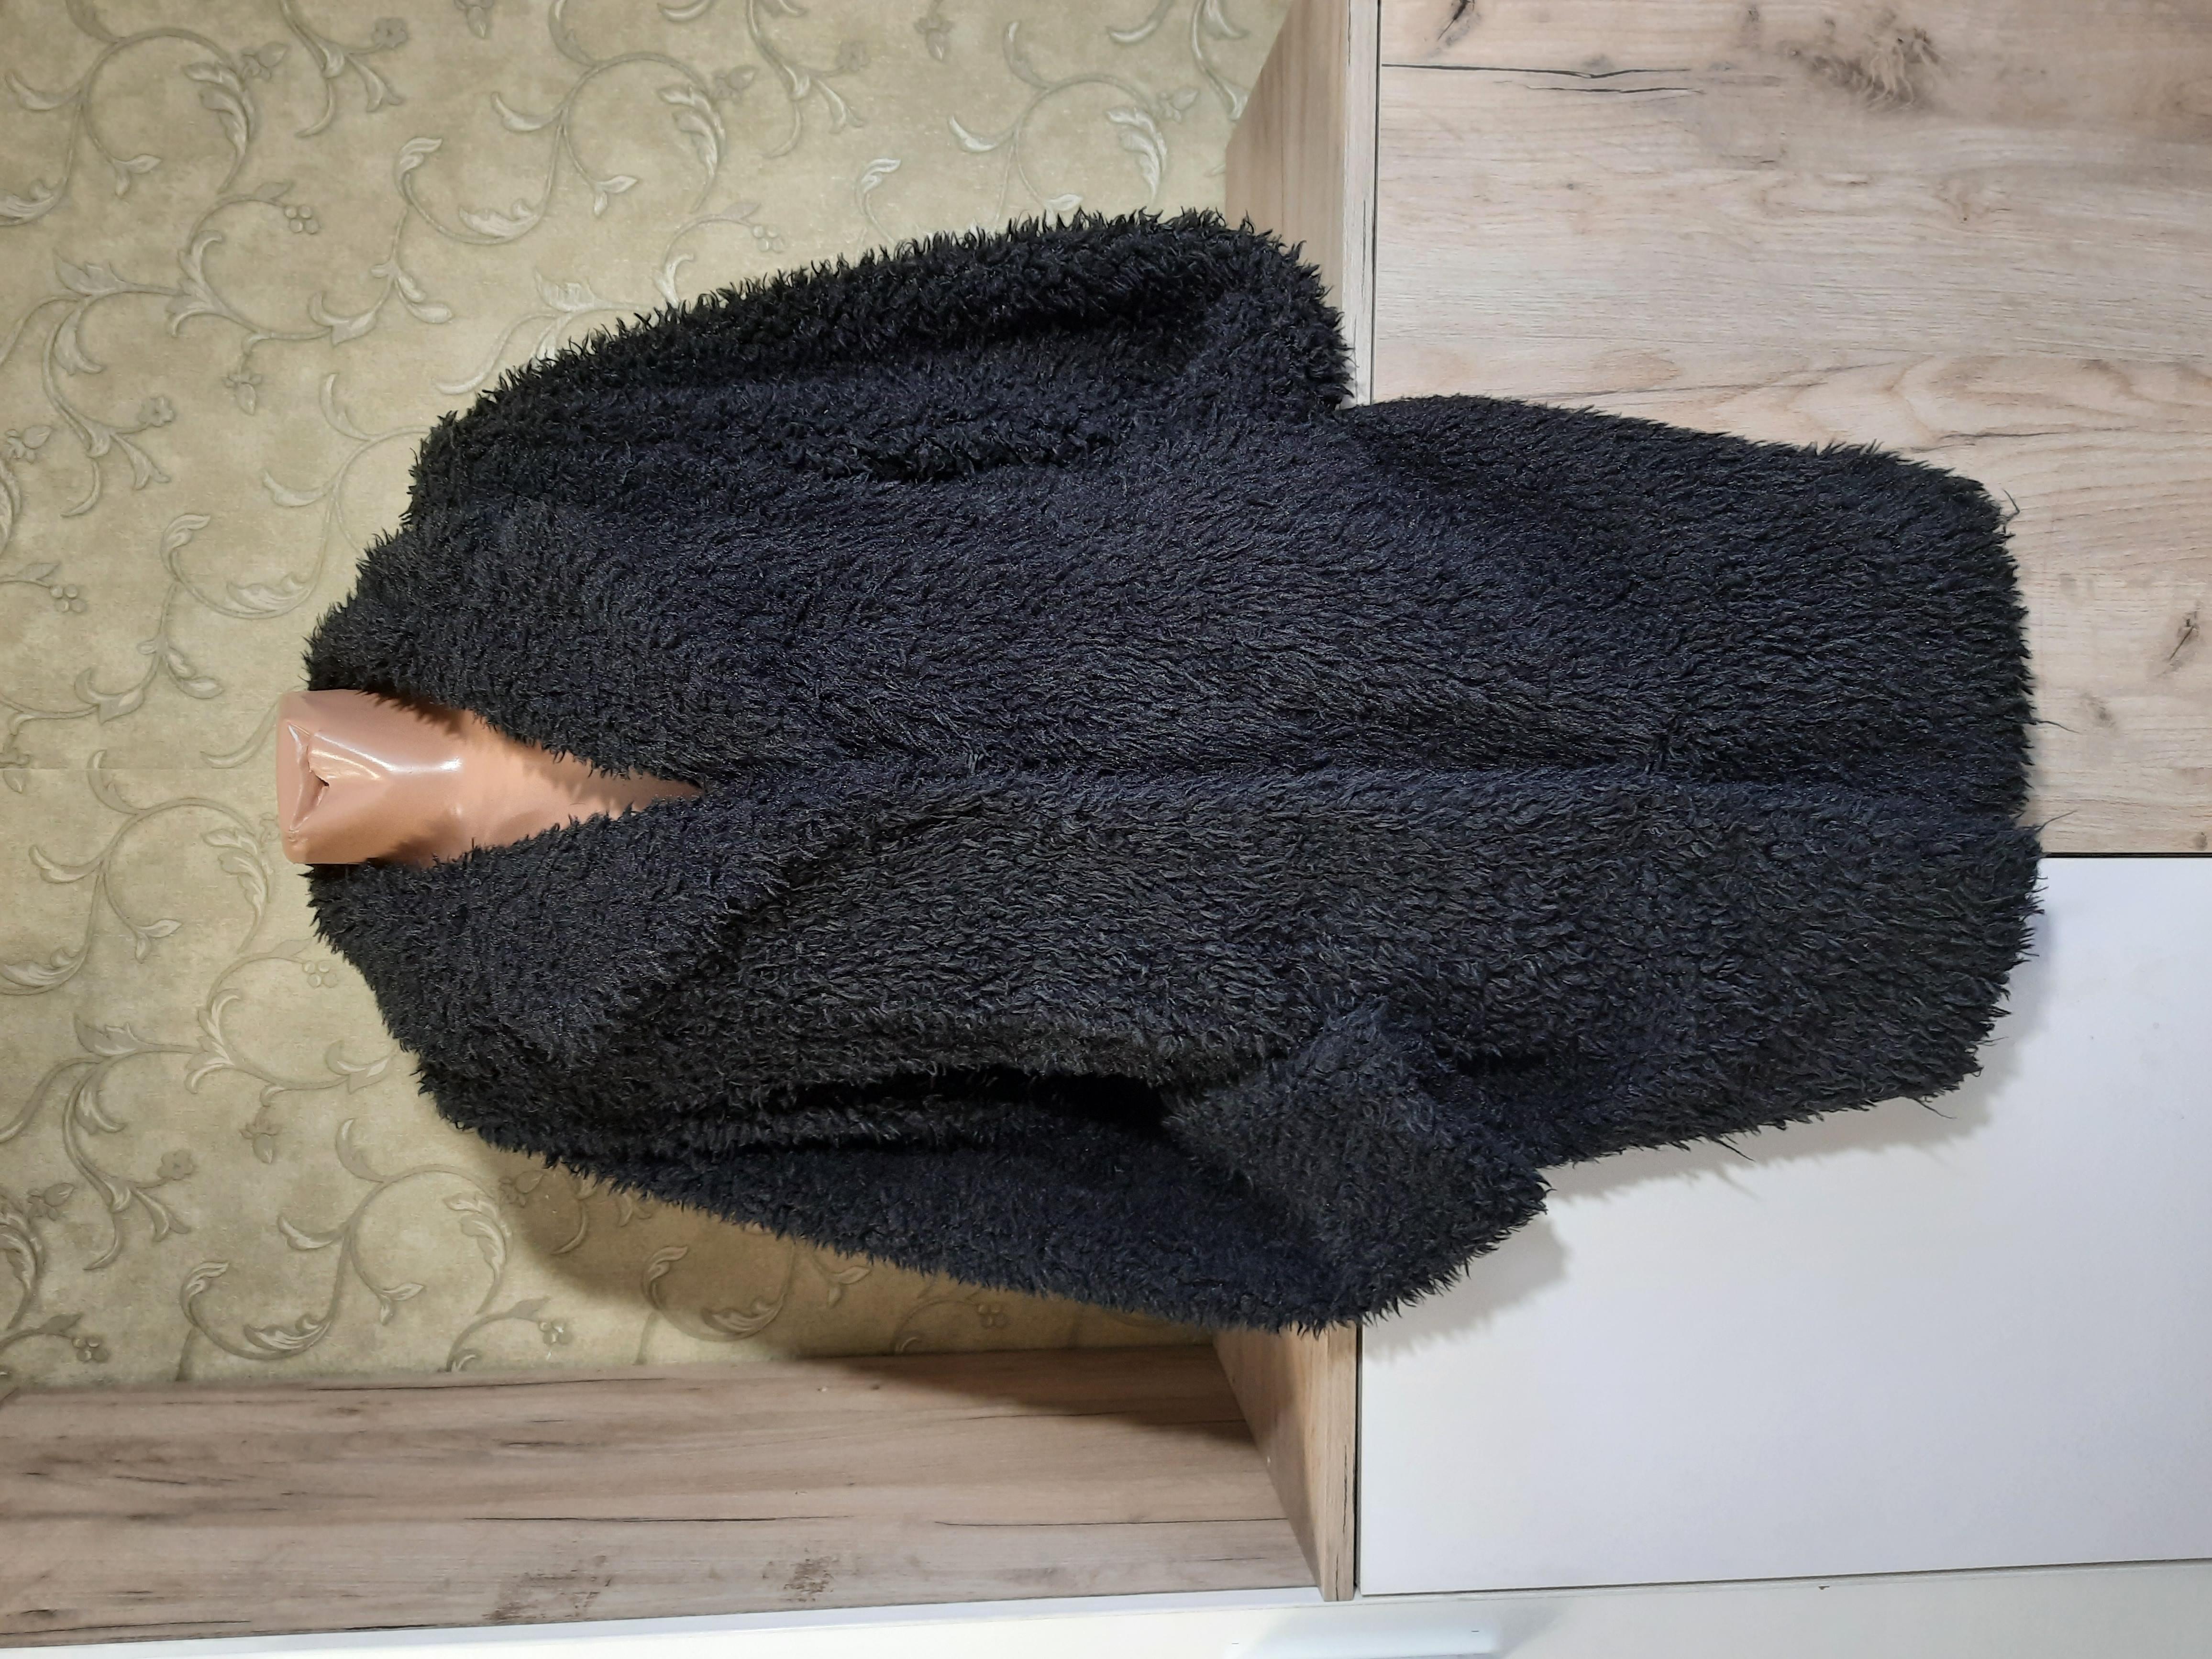 Собираем лоты!!! Мягкая кучерявая демисезонная шубка (не зима),размер 34